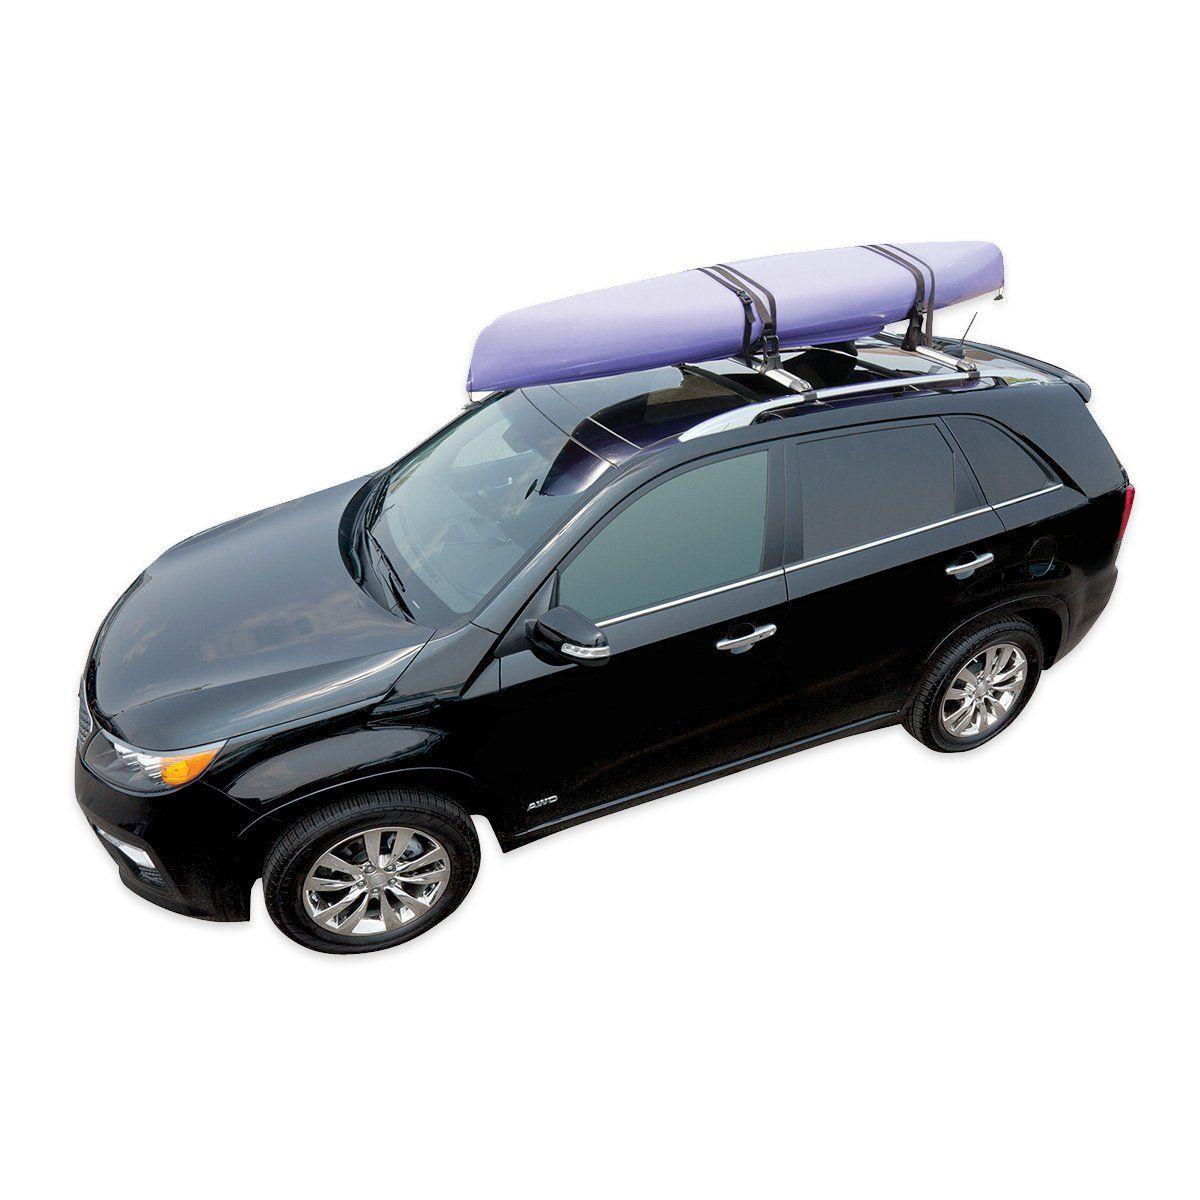 Suporte Para Transporte de Pranchas e Bodyboard Reese